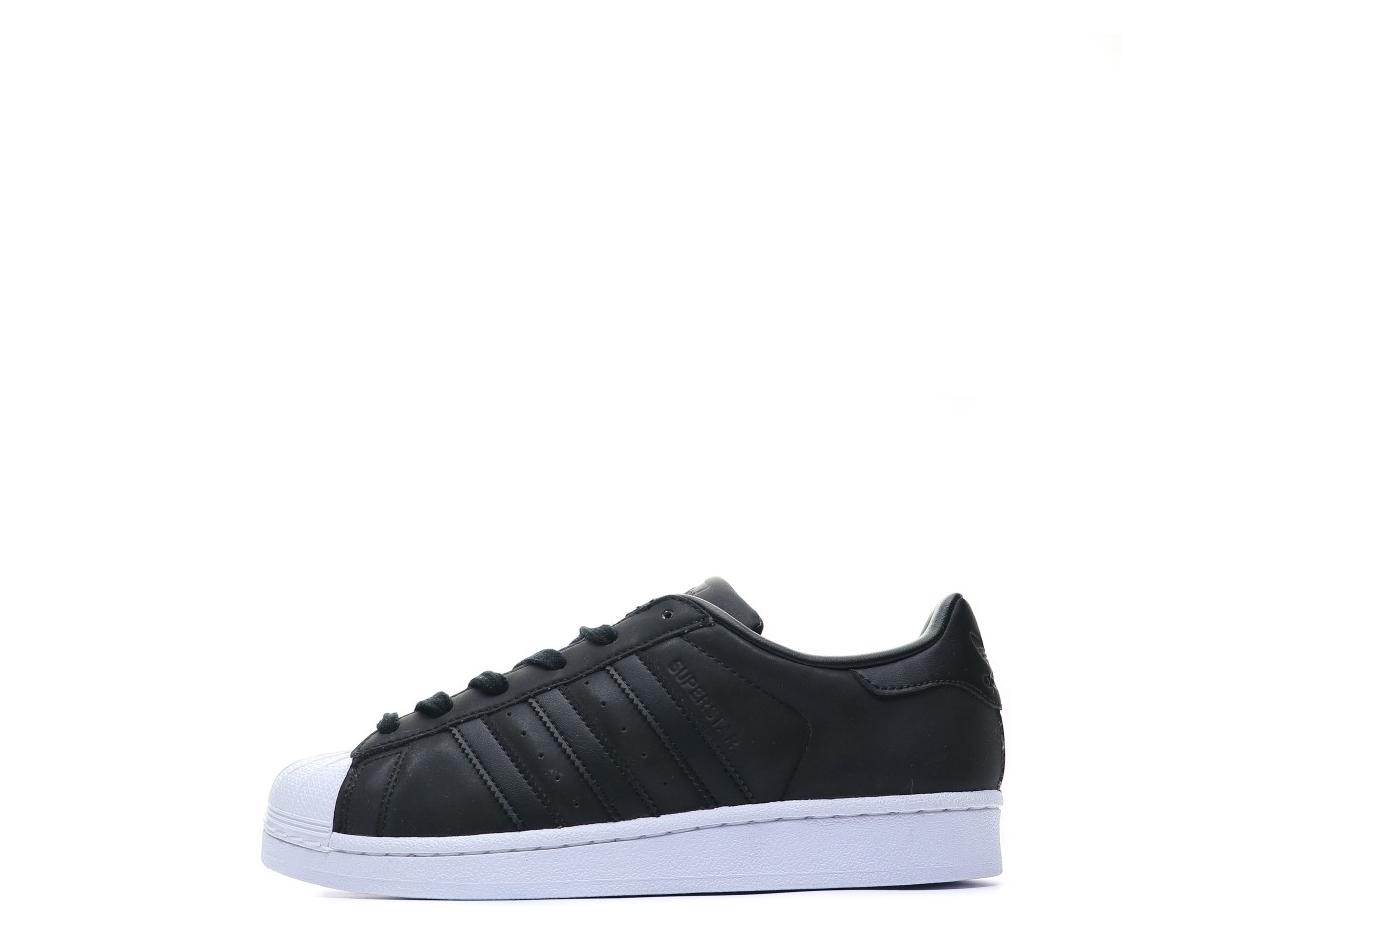 pas mal f1a80 4463d Superstar Baskets noir femme Adidas